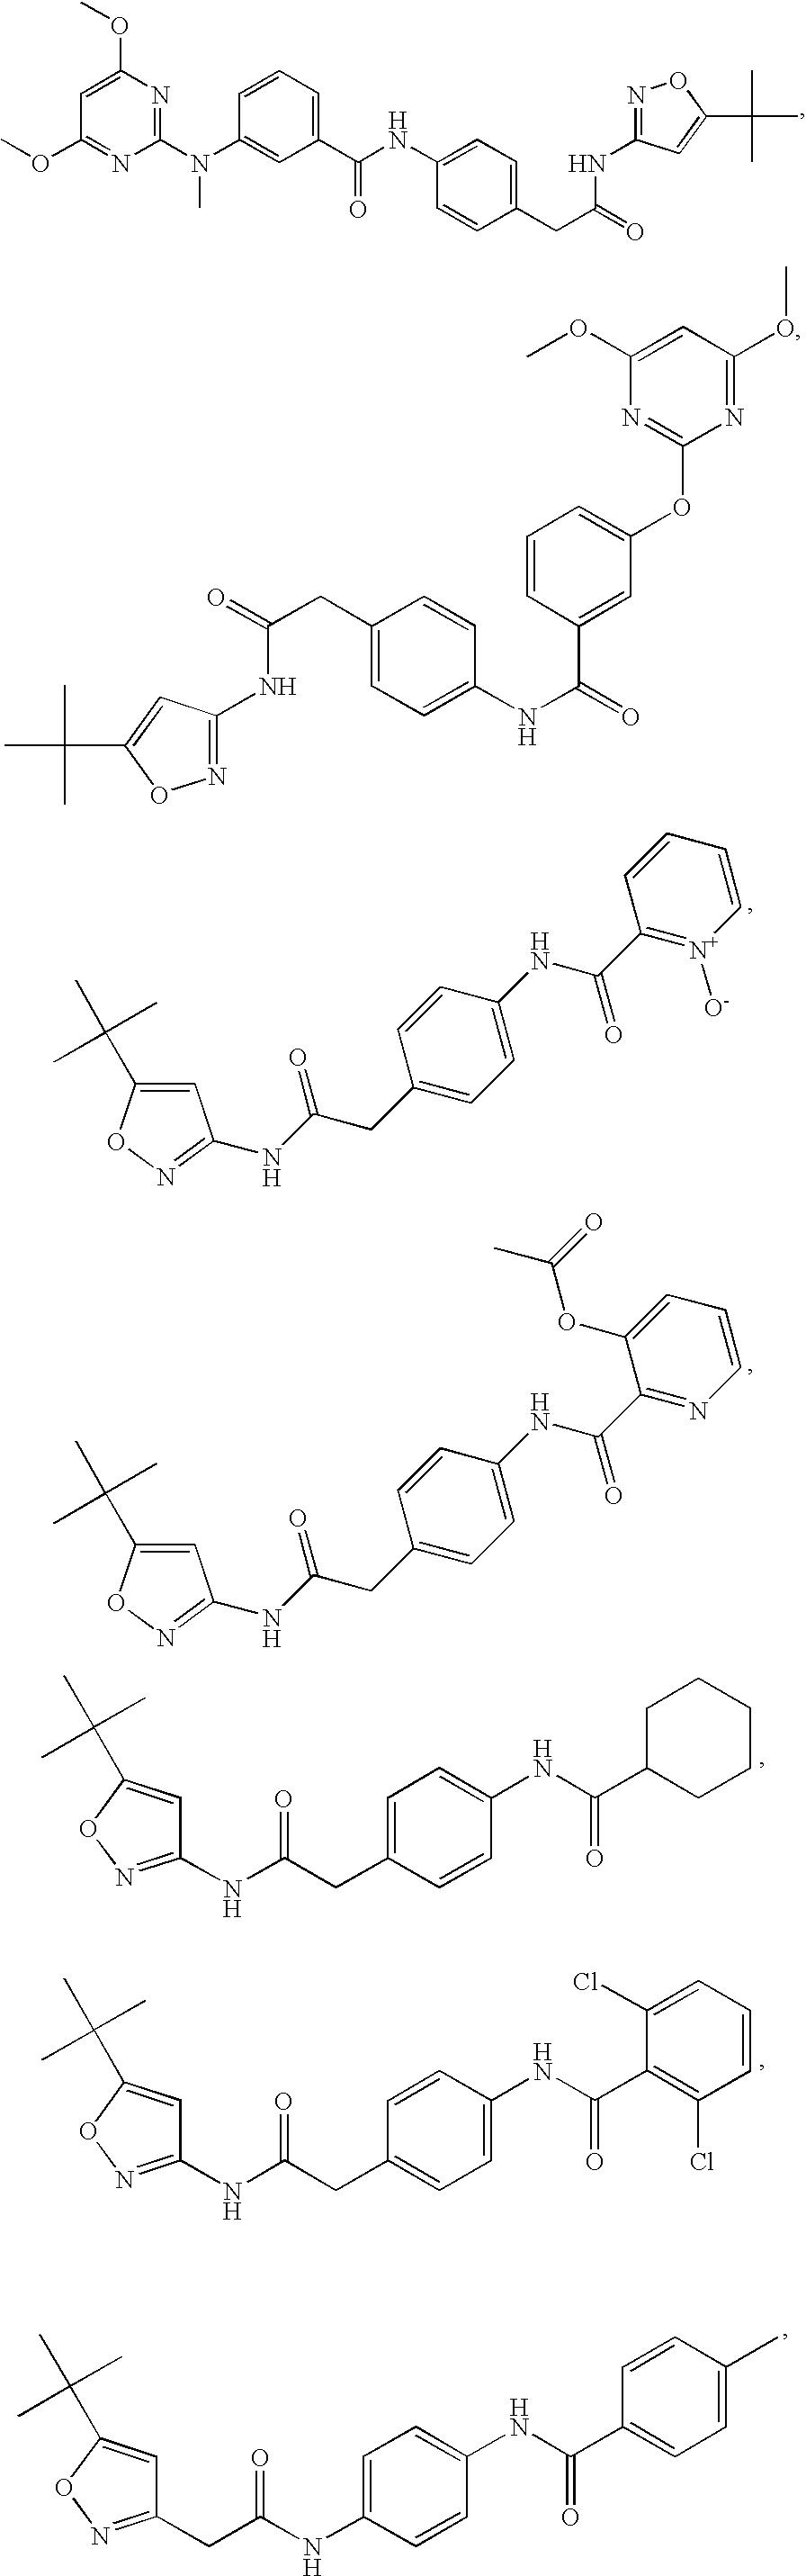 Figure US07767670-20100803-C00385